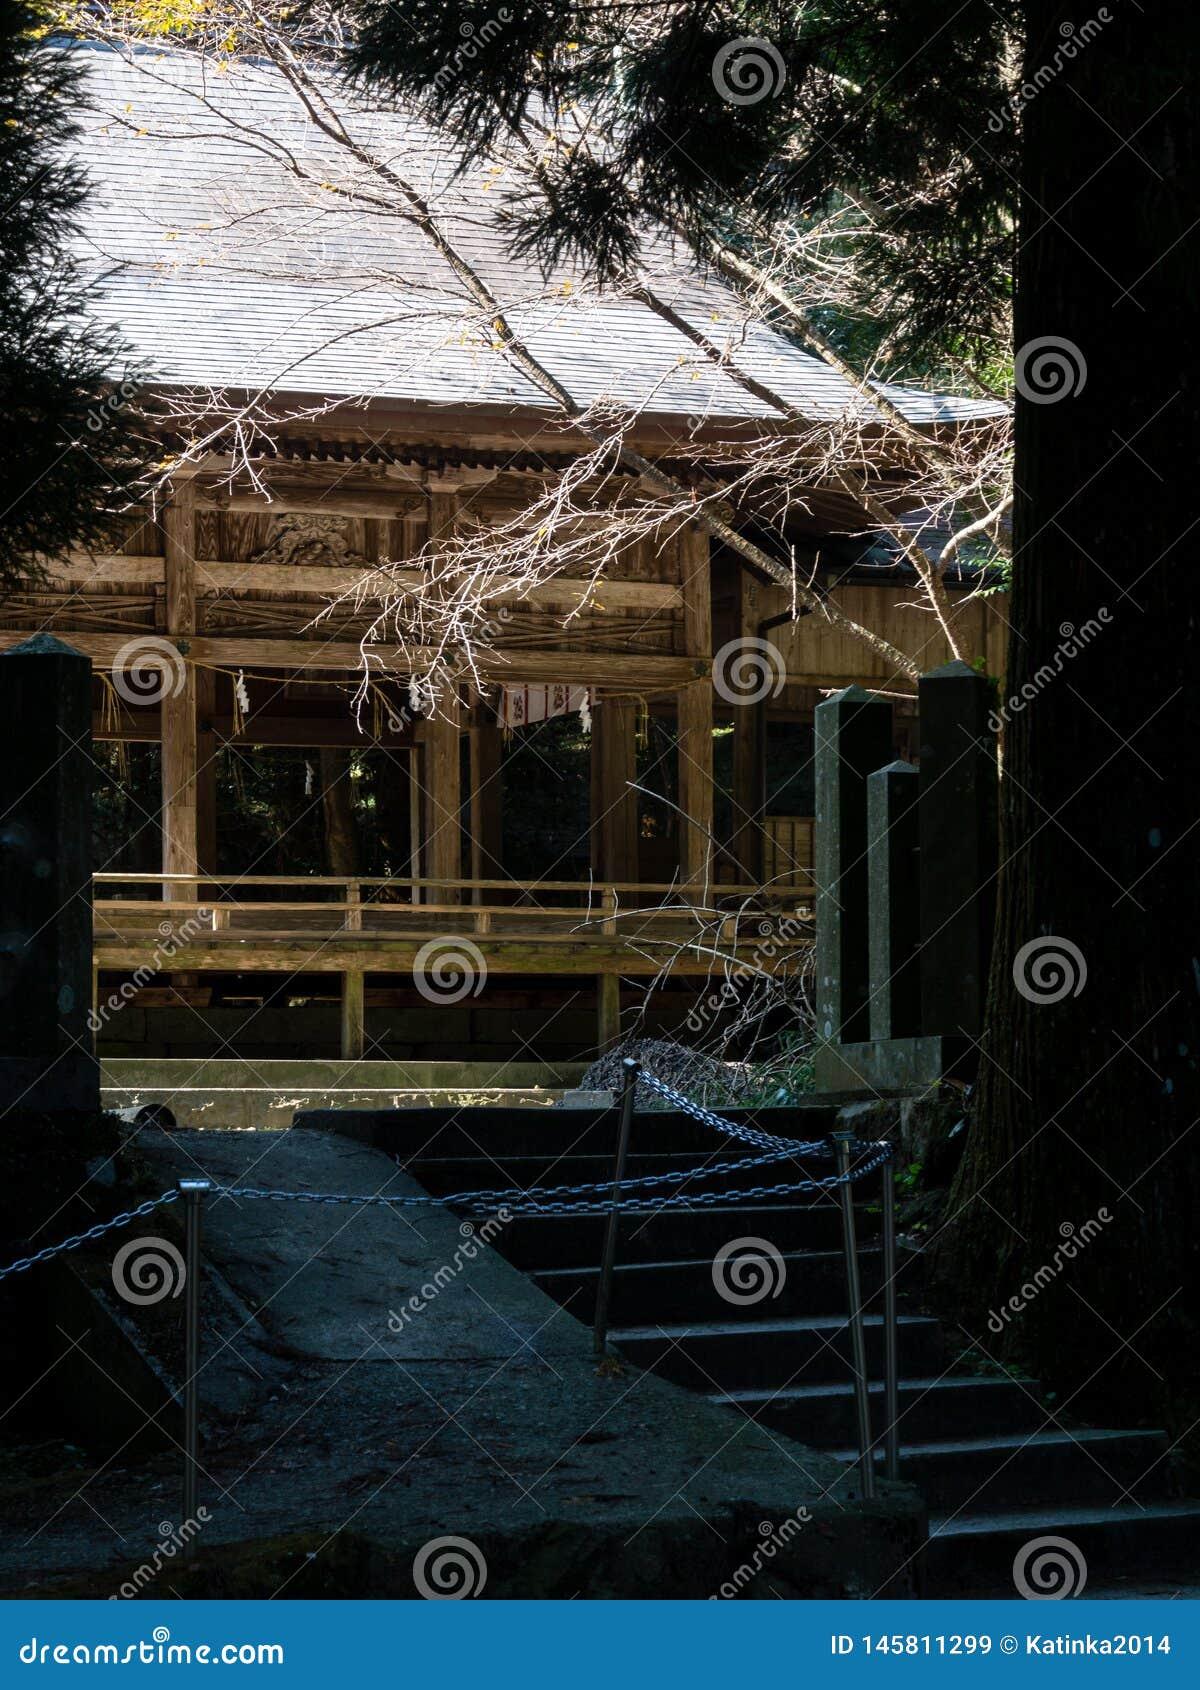 Κύρια αίθουσα της ιστορικής λάρνακας Kokuzo ηφαιστειακό caldera Aso, μέρος του εθνικού πάρκου aso-Kuju